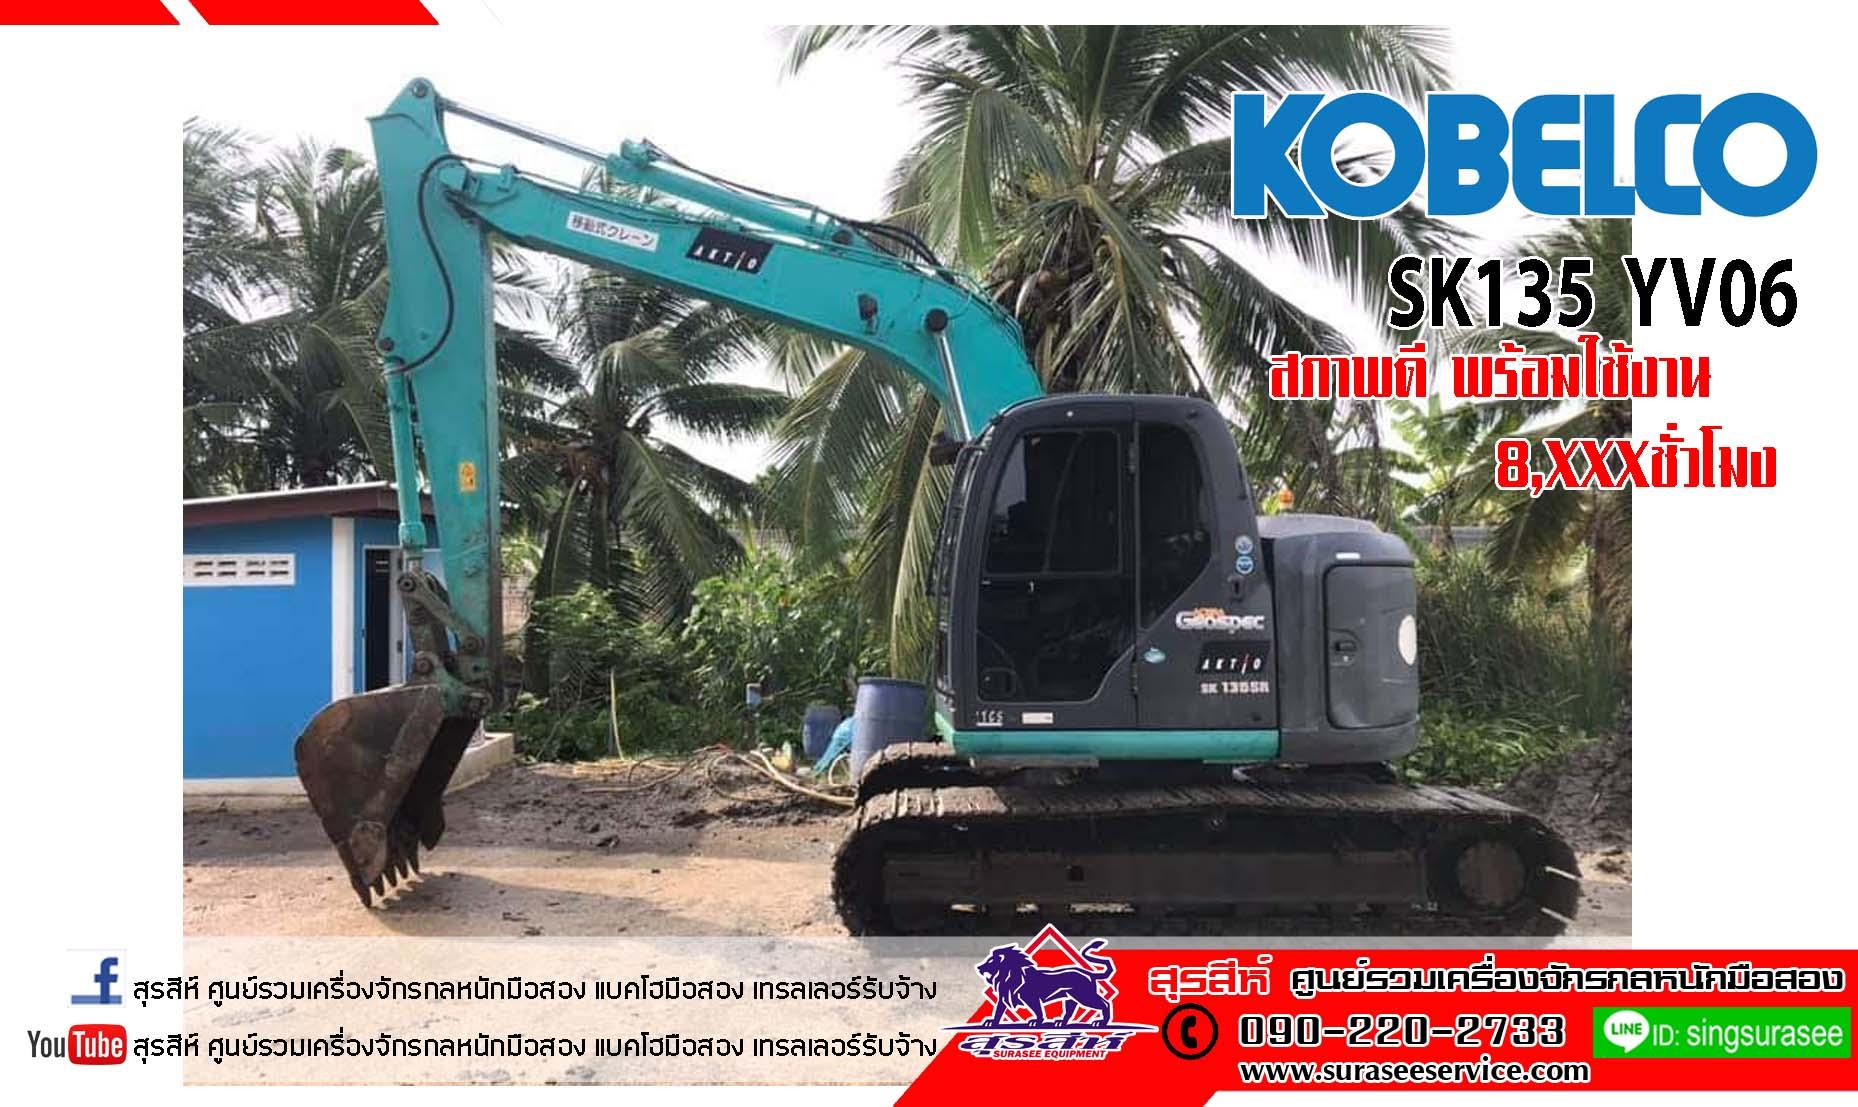 รถขุดมือสอง KOBELCO SK135 YV06 (เทียบเท่า SK140 SuperXM) เก่านอกผ่านการใช้งานในไทย